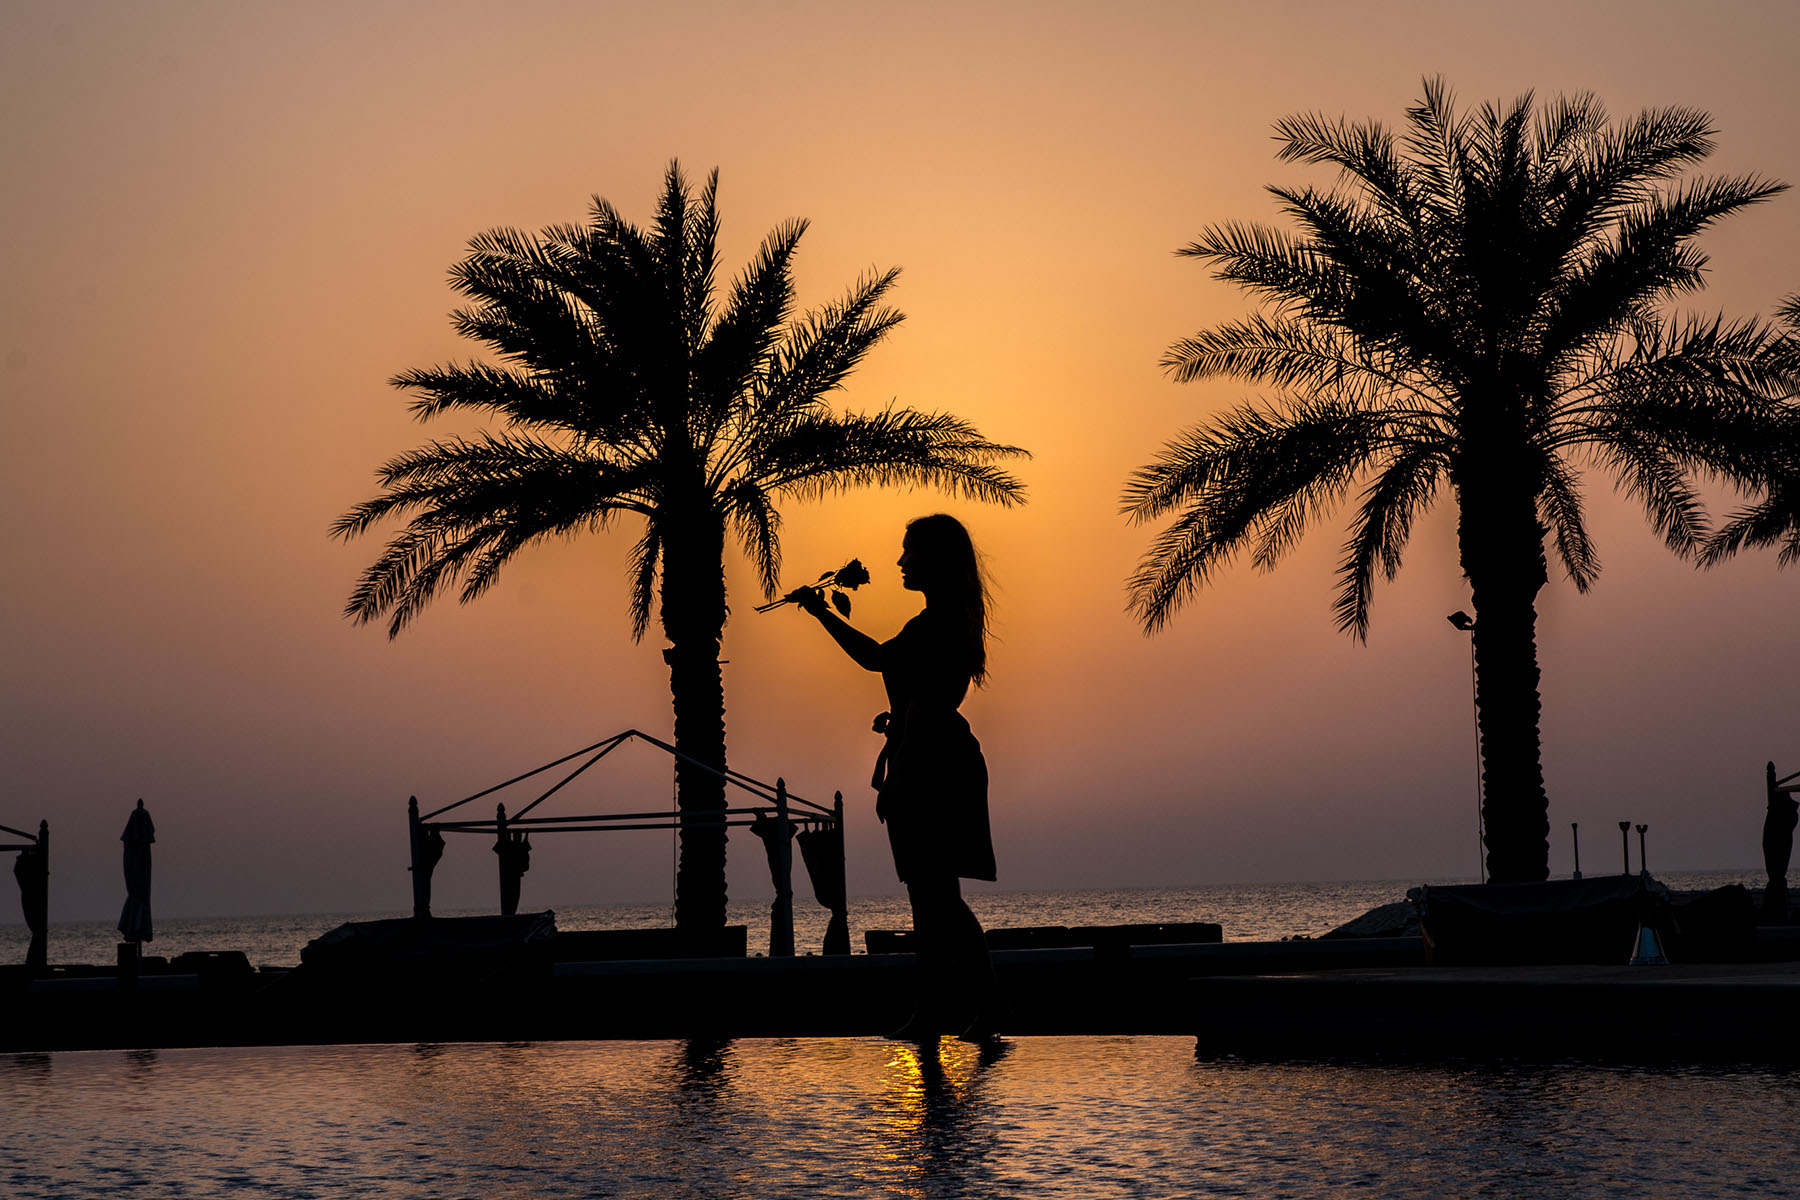 Sofitel Bahrain